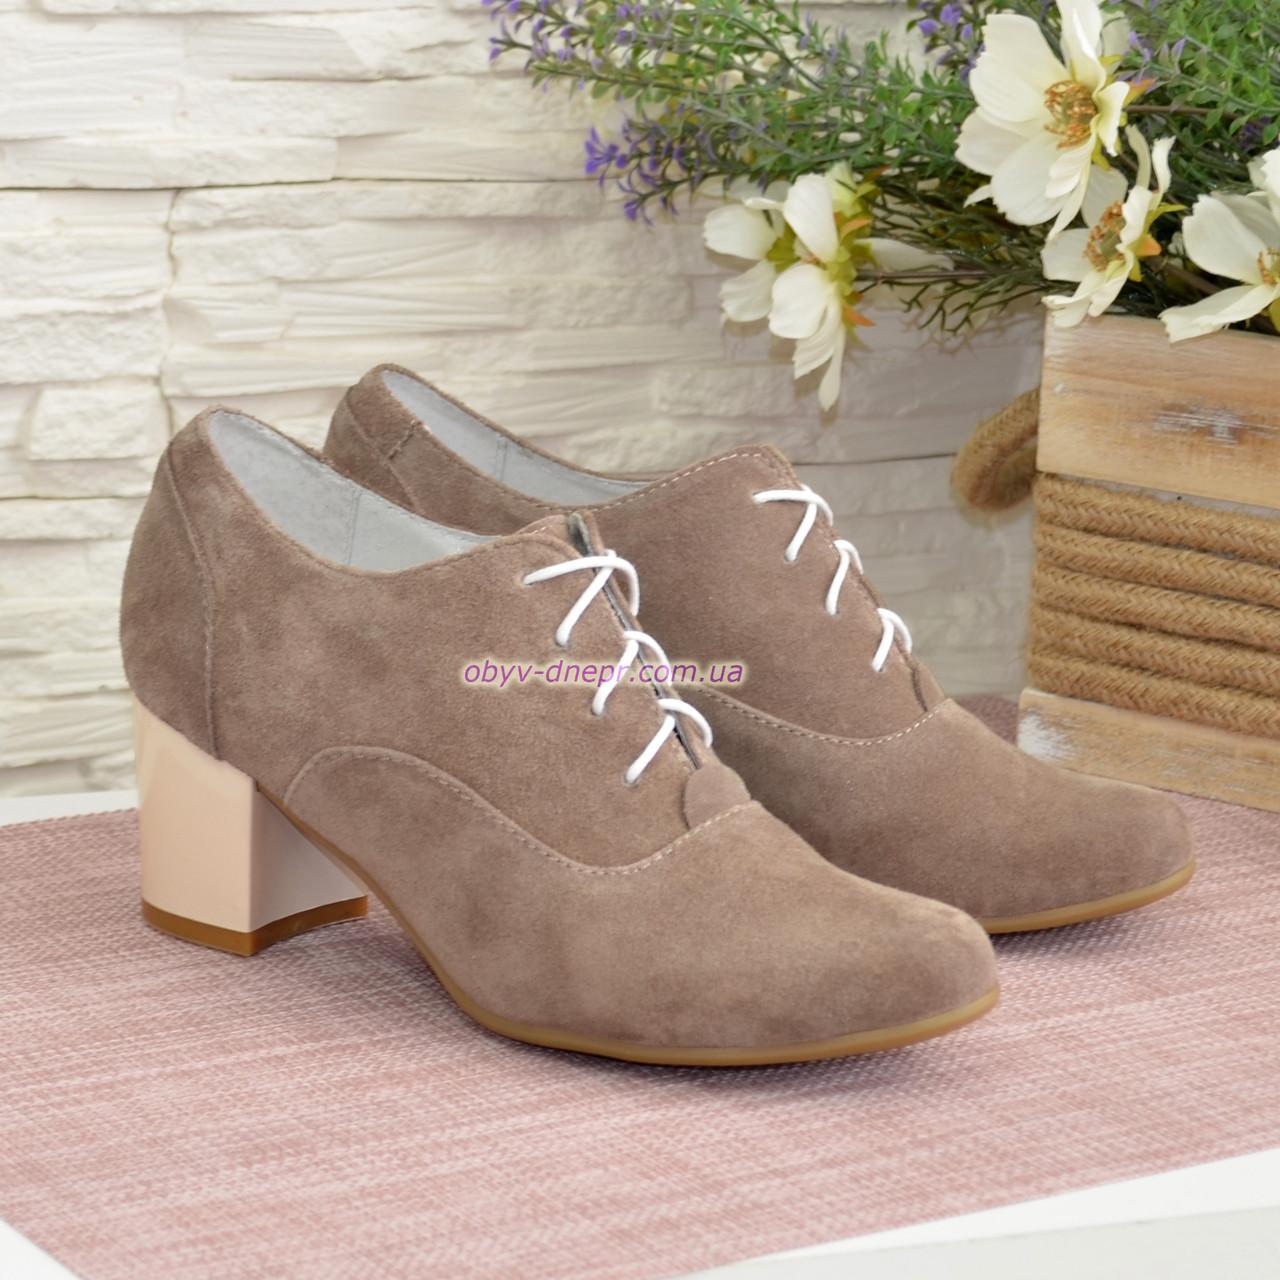 Туфли женские замшевые на устойчивом каблуке, цвет бежевый